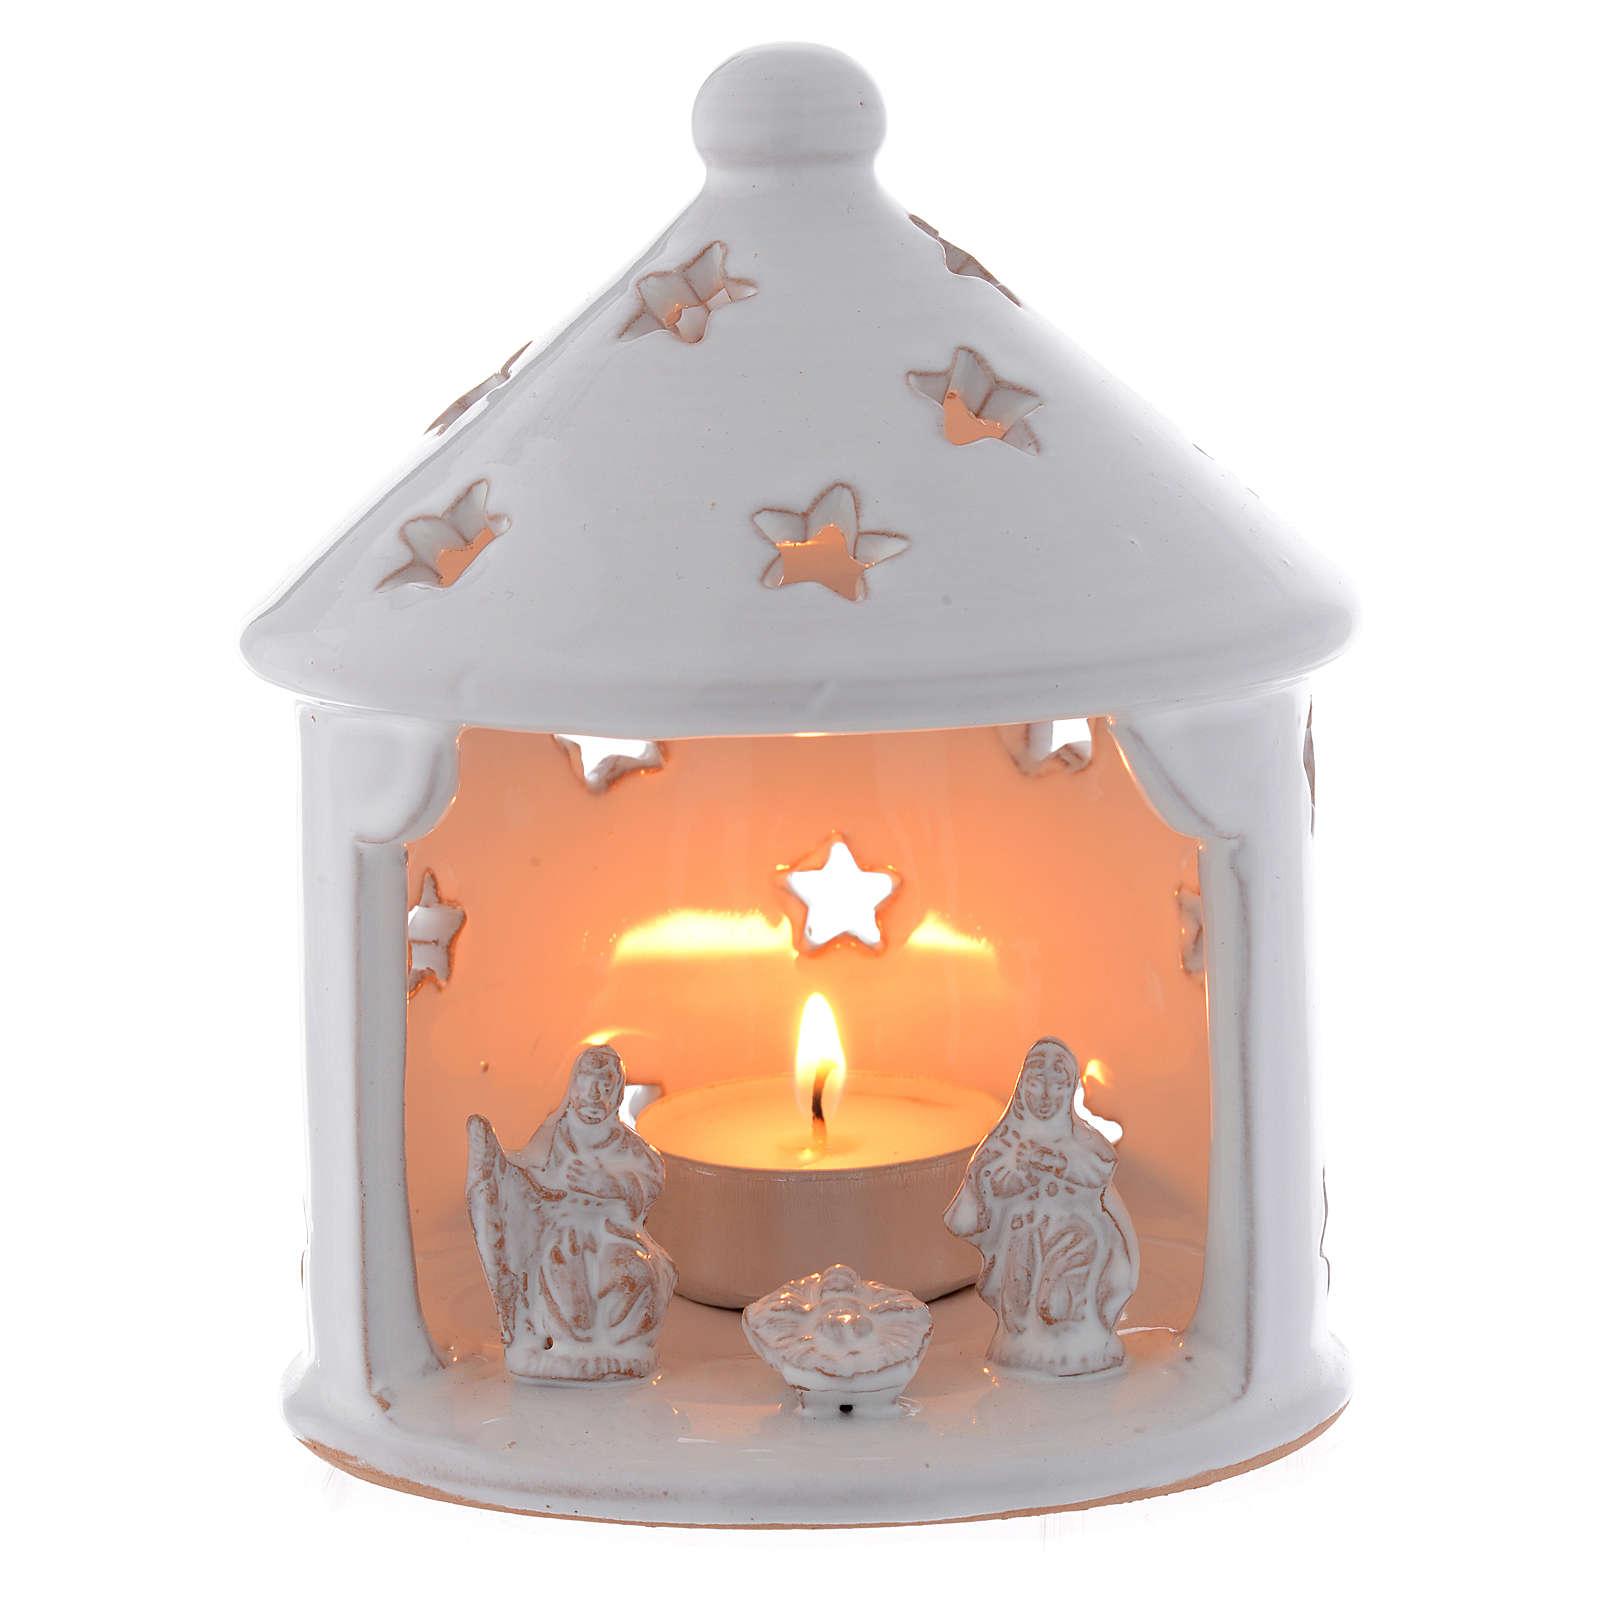 Cabaña candelero blanca perforada de Navidad terracota 13 cm 4